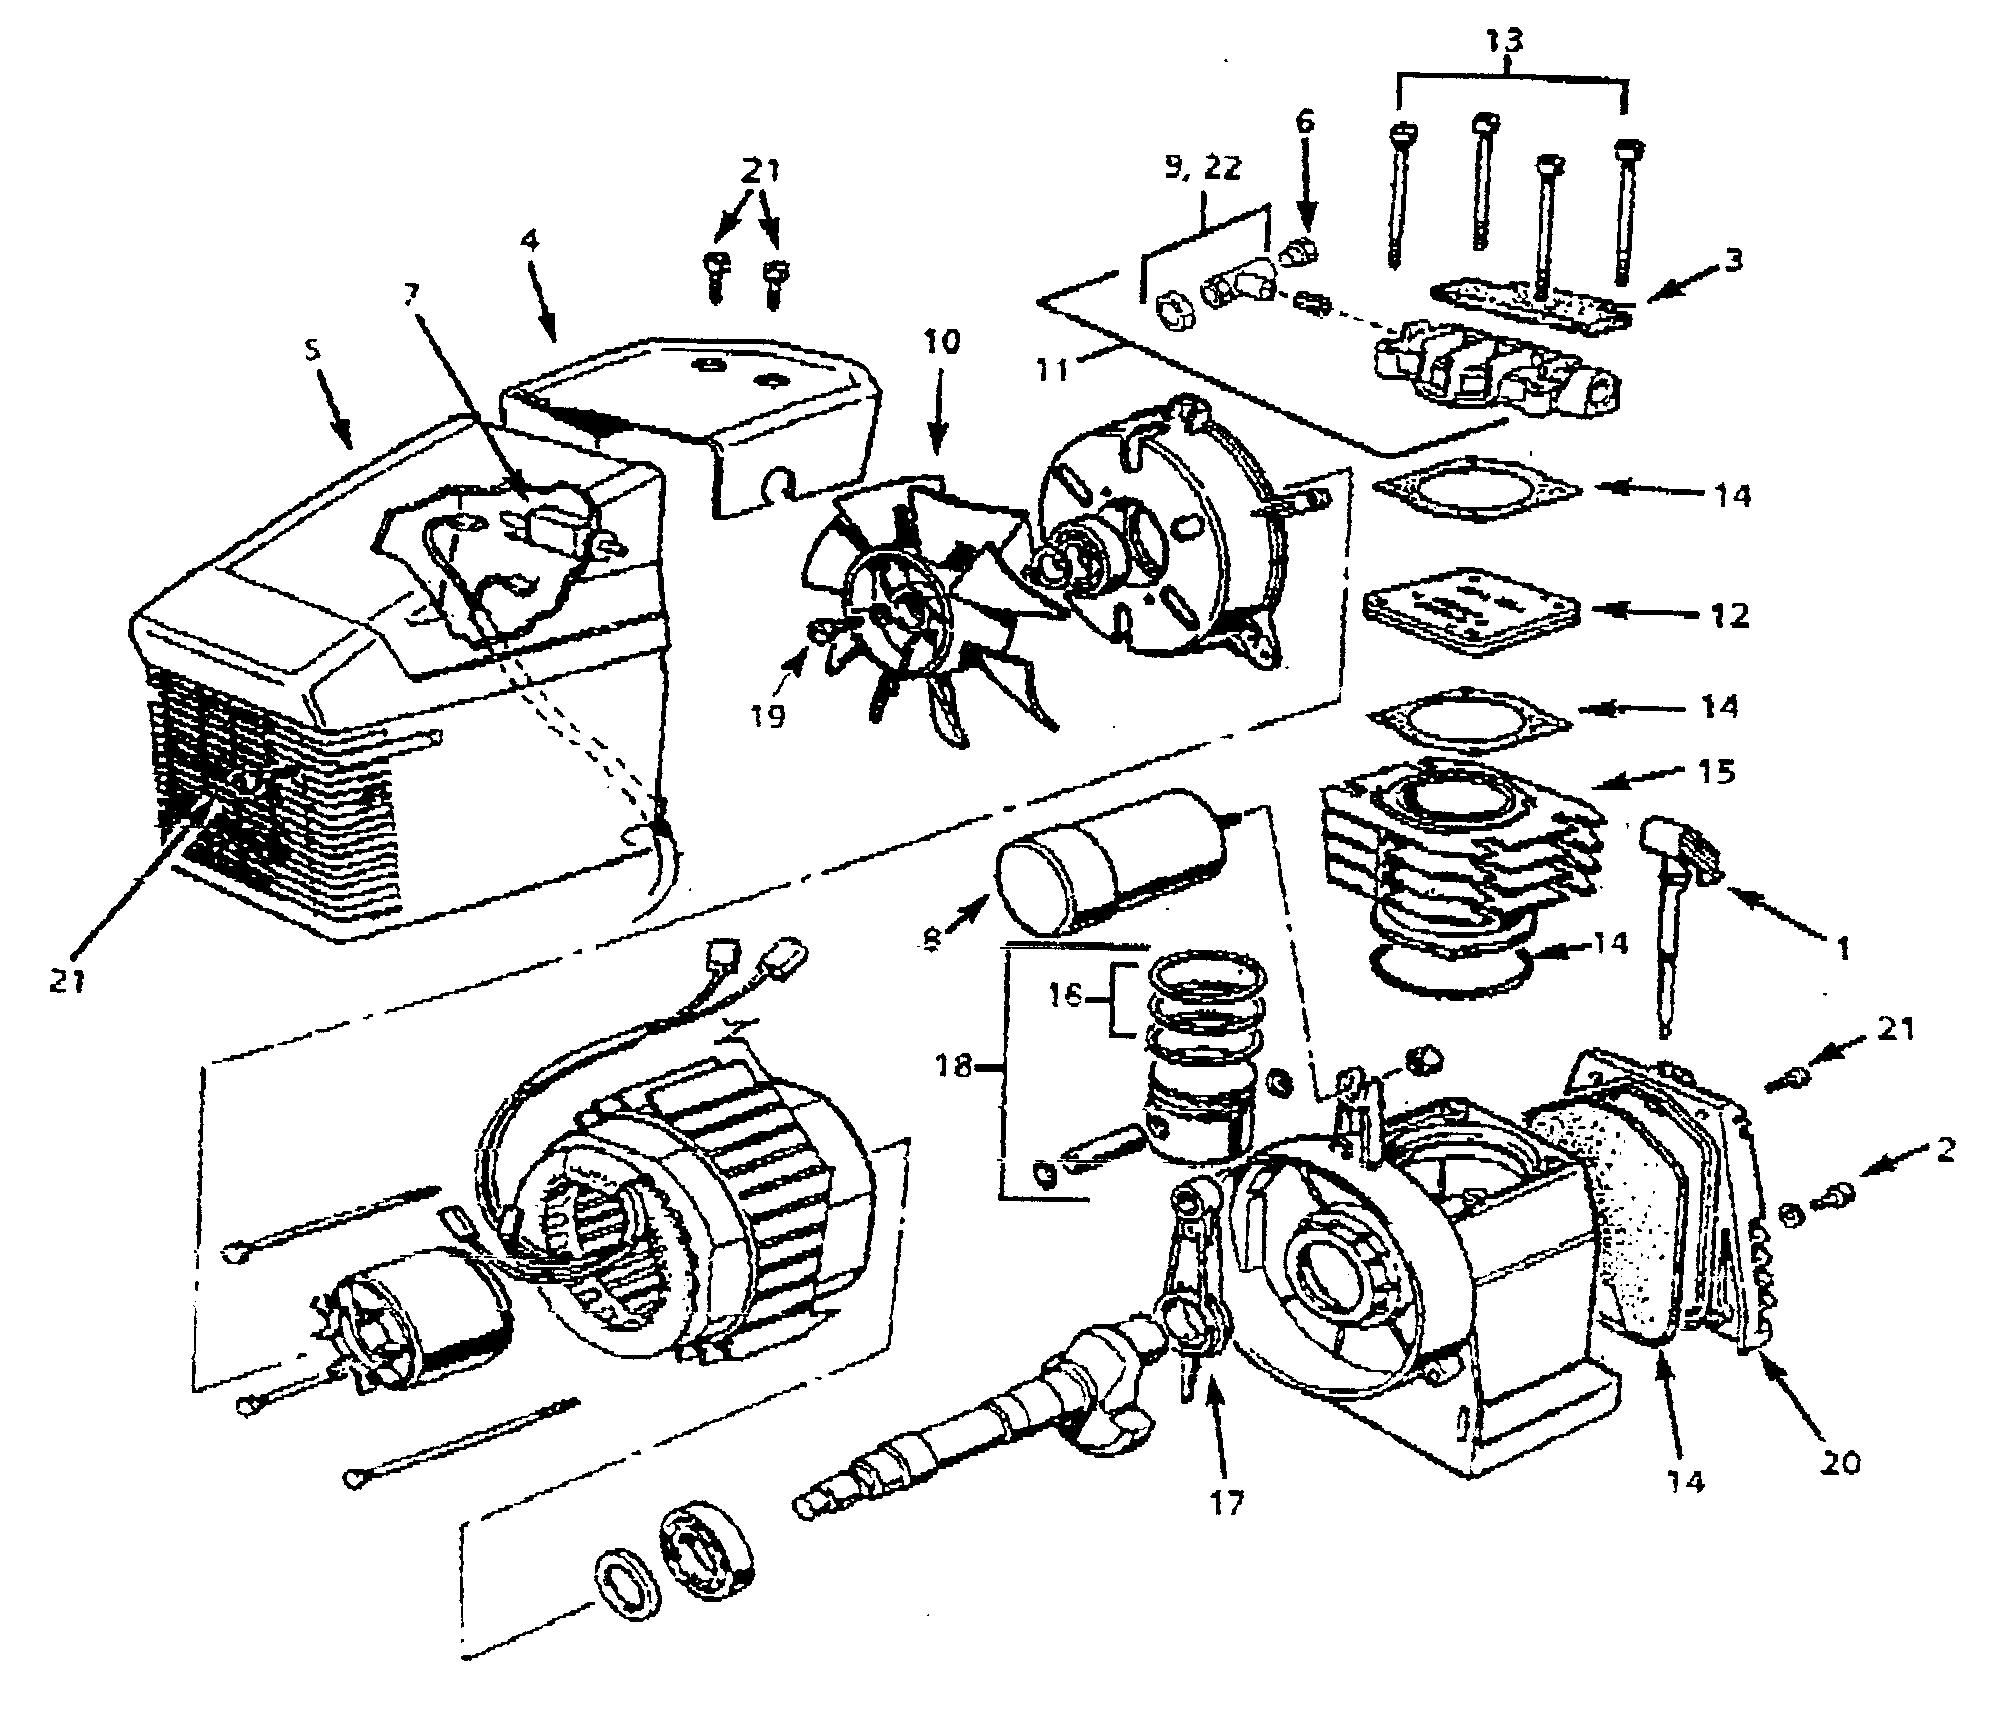 Campbell Hausfeld Air Compressor Parts Diagram Looking For Campbell Hausfeld Model Fp200000av Air Compressor Repair